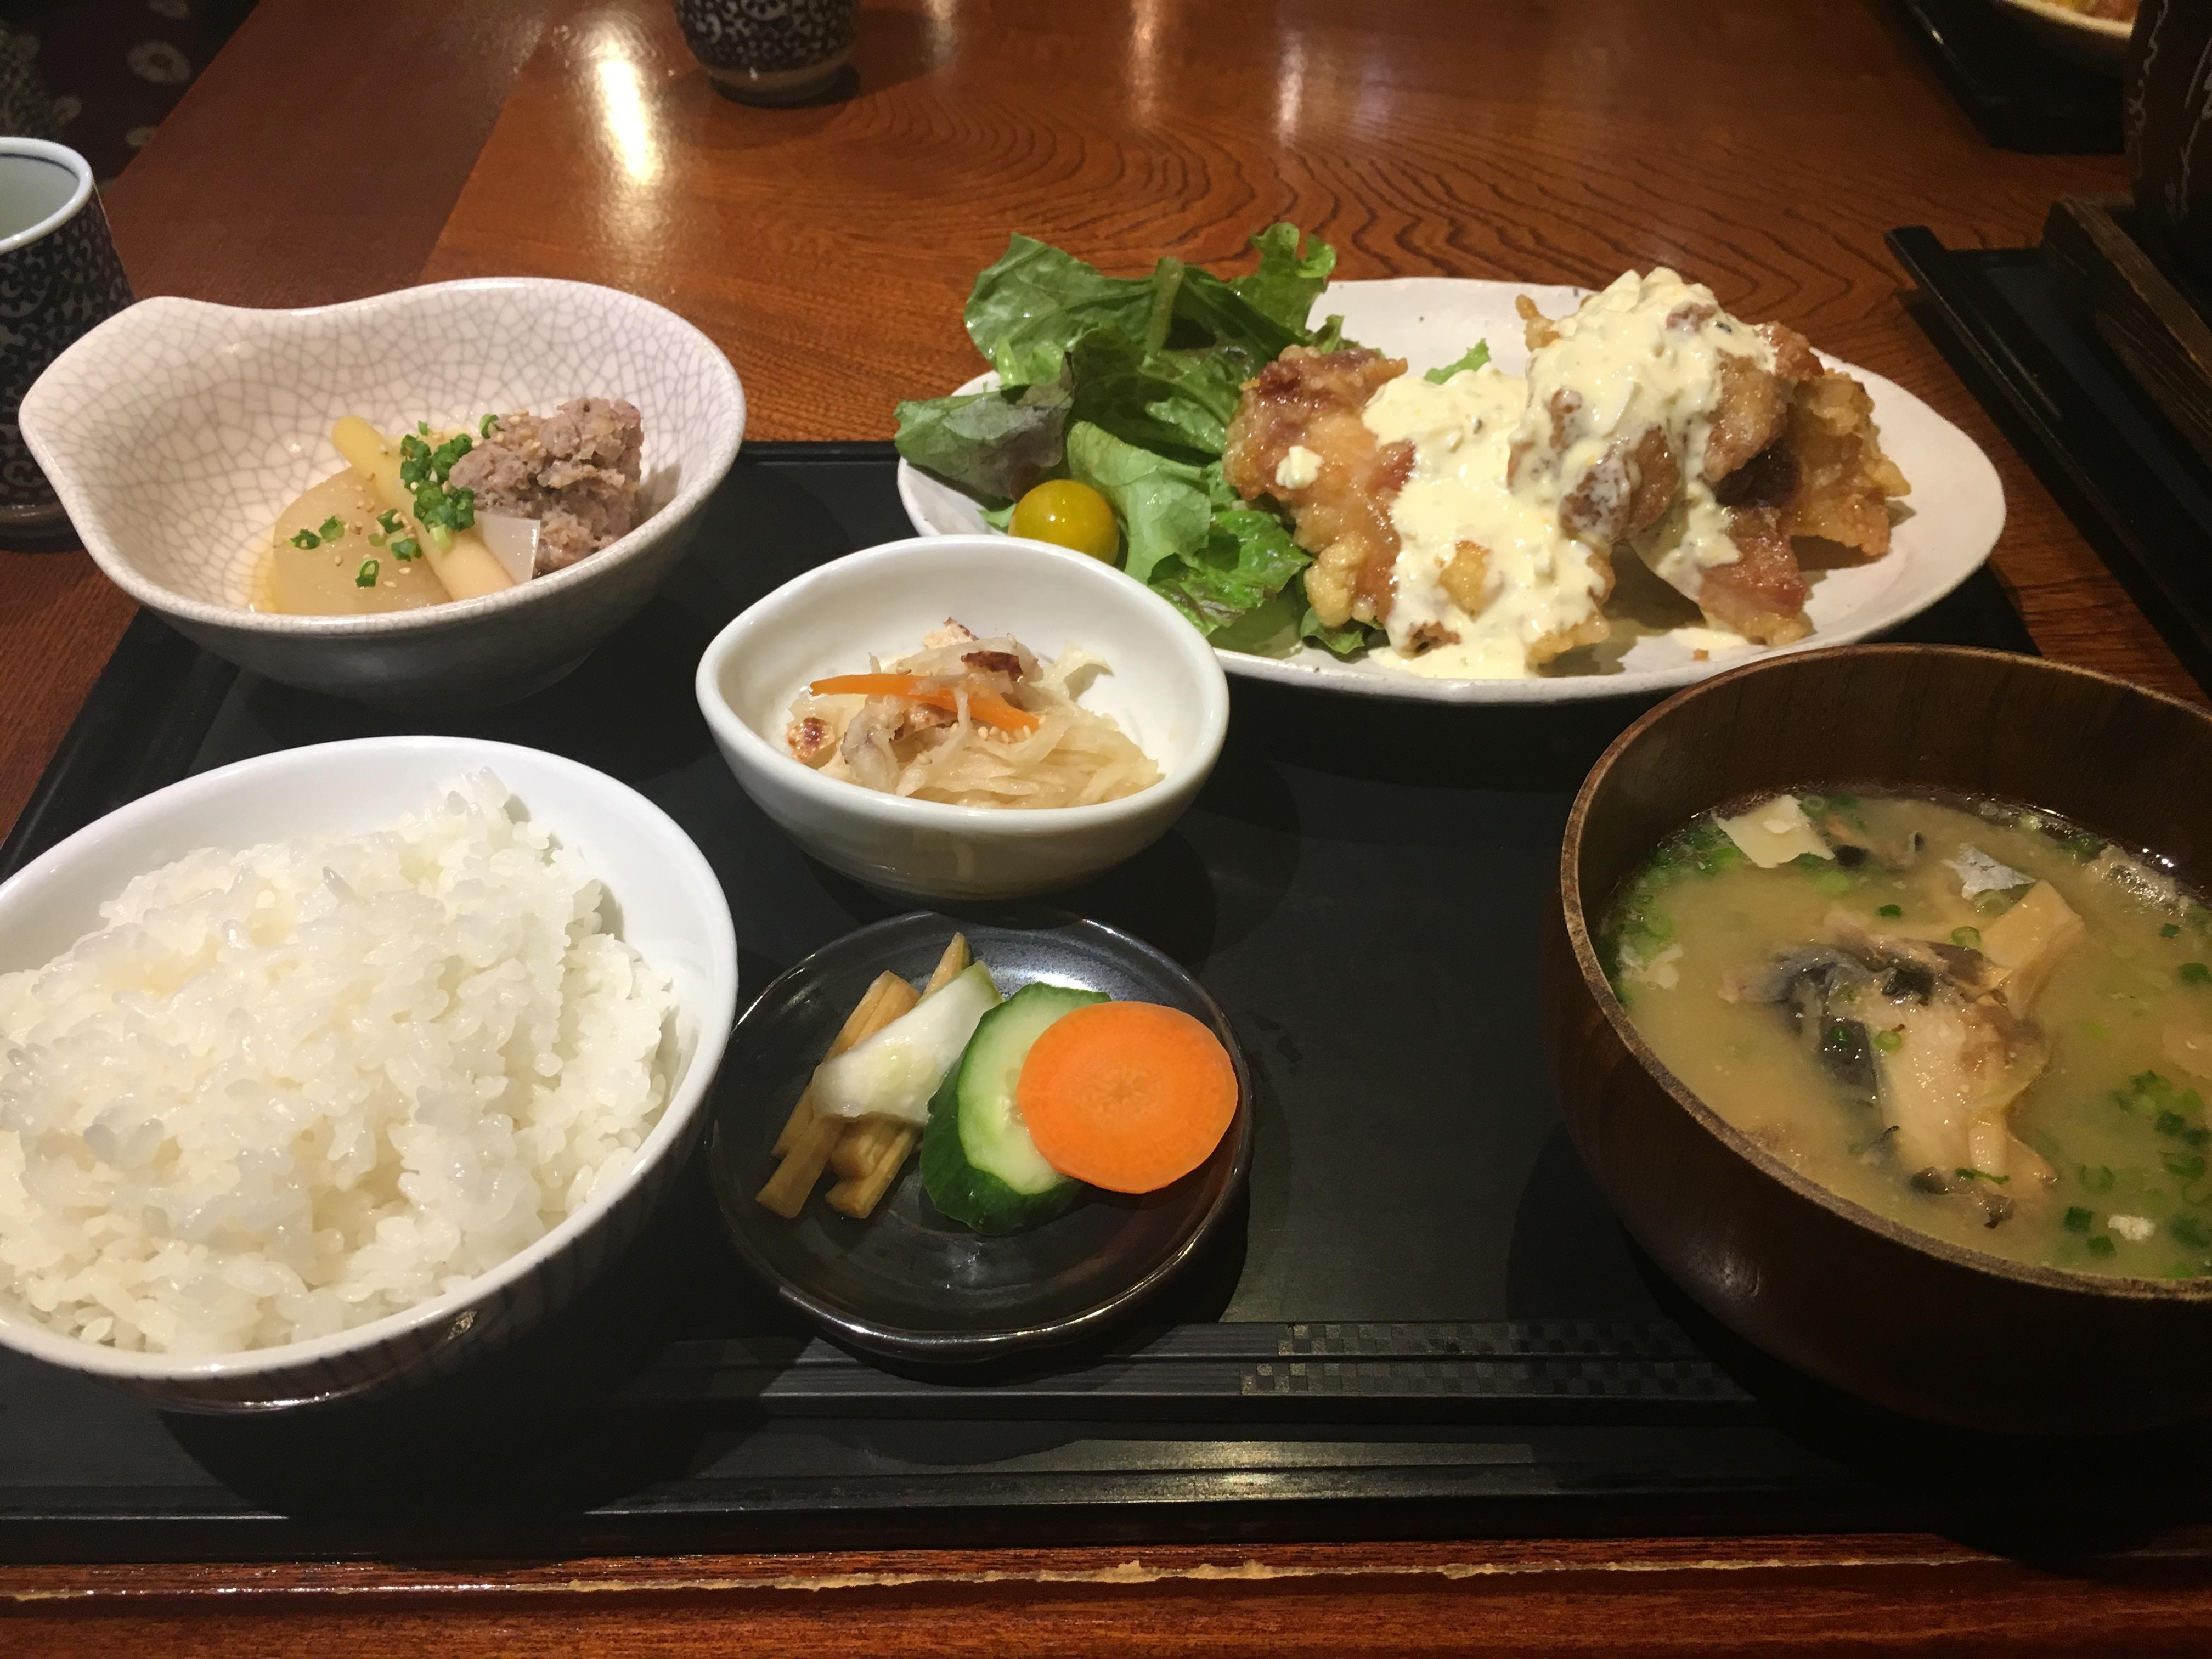 神泉で九州の郷土料理を堪能できる【たもいやんせ】に行ってきました!